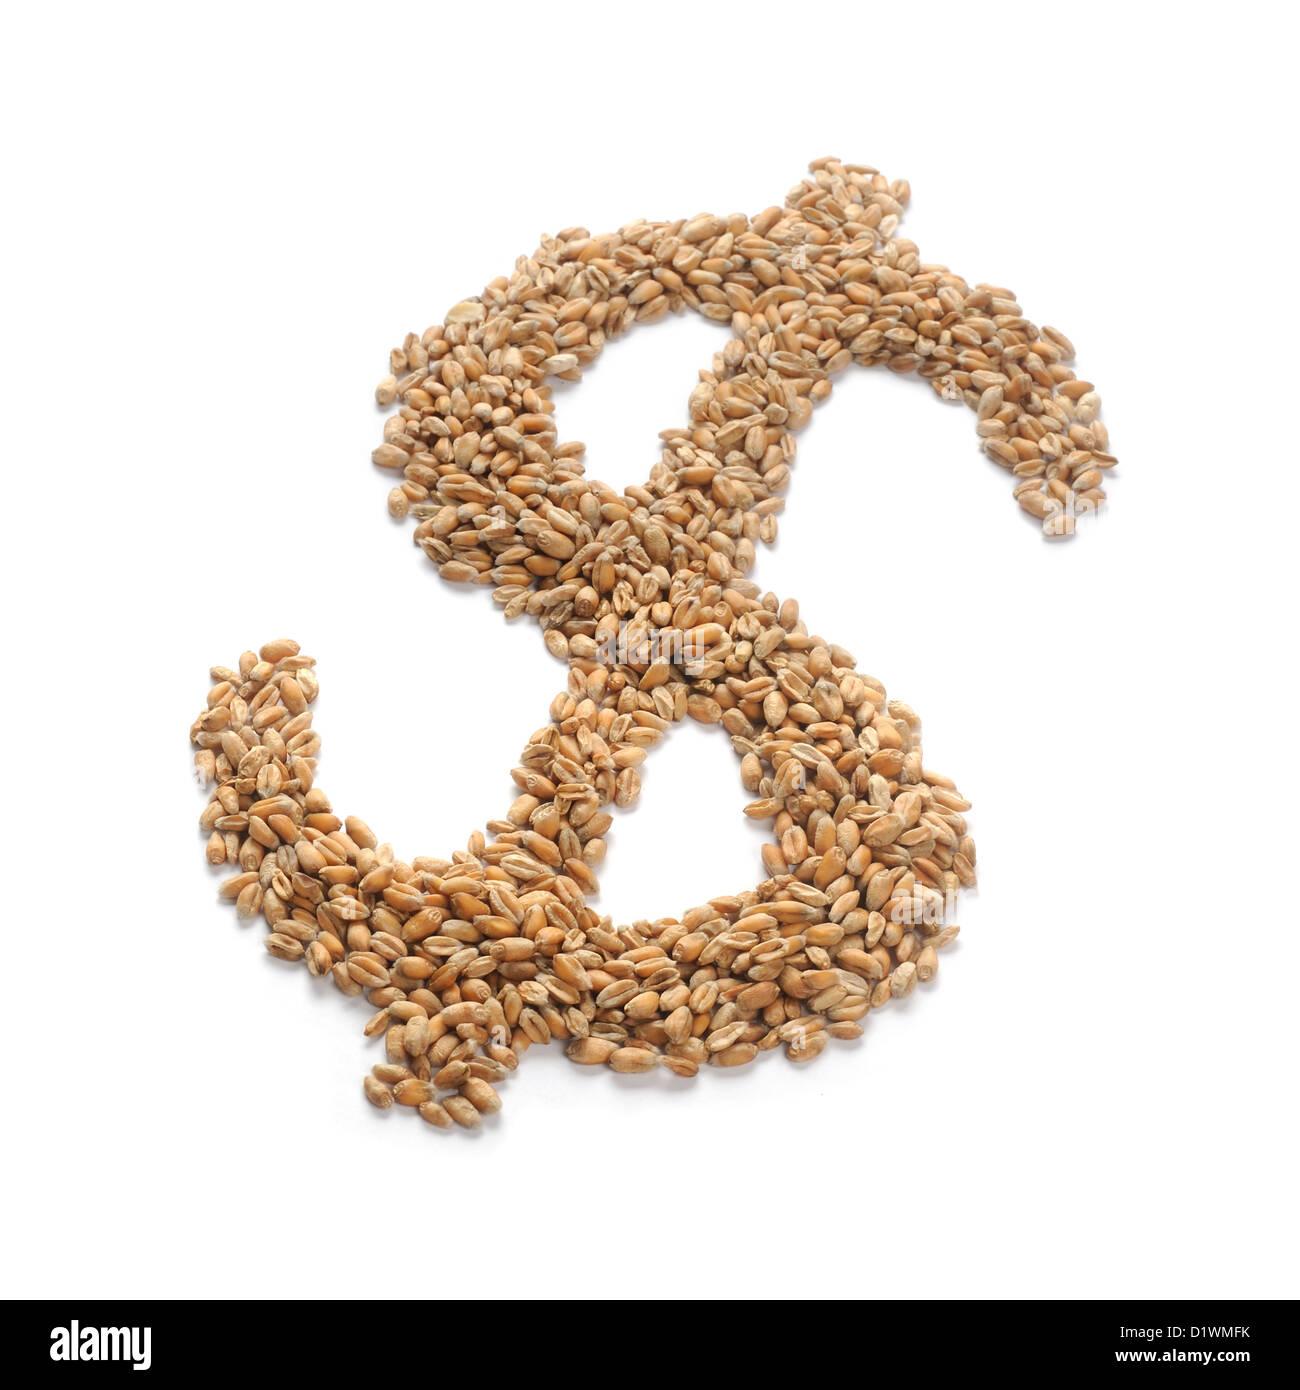 Les grains de blé en forme de dollar sign Photo Stock